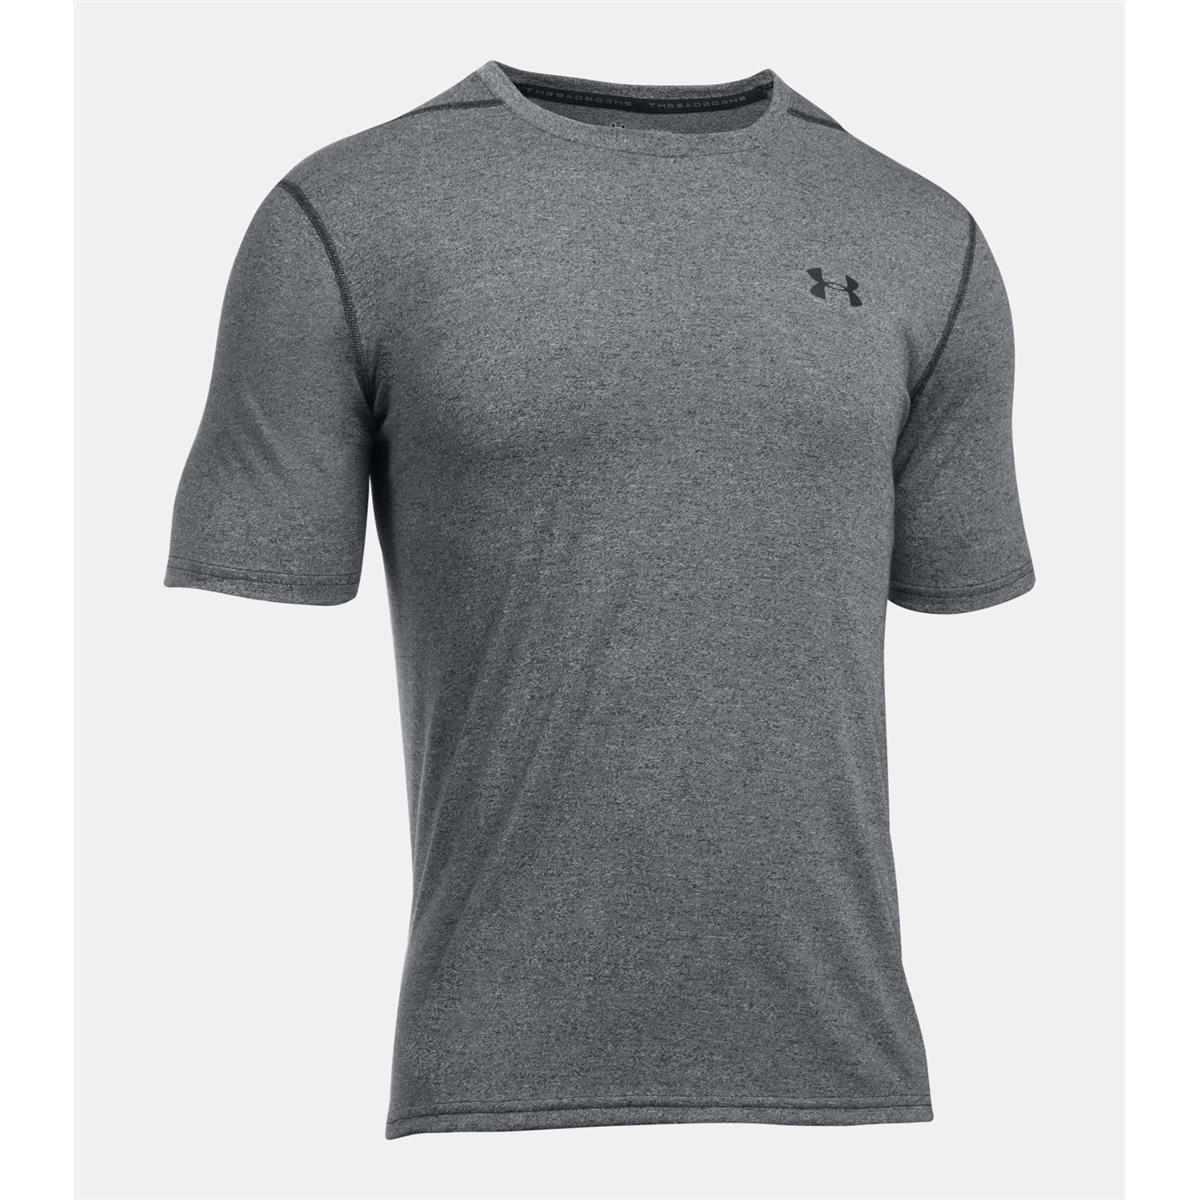 75fe2930f5f6f Camiseta Under Armour Threadborne SS Masculina - Preto - Compre Agora